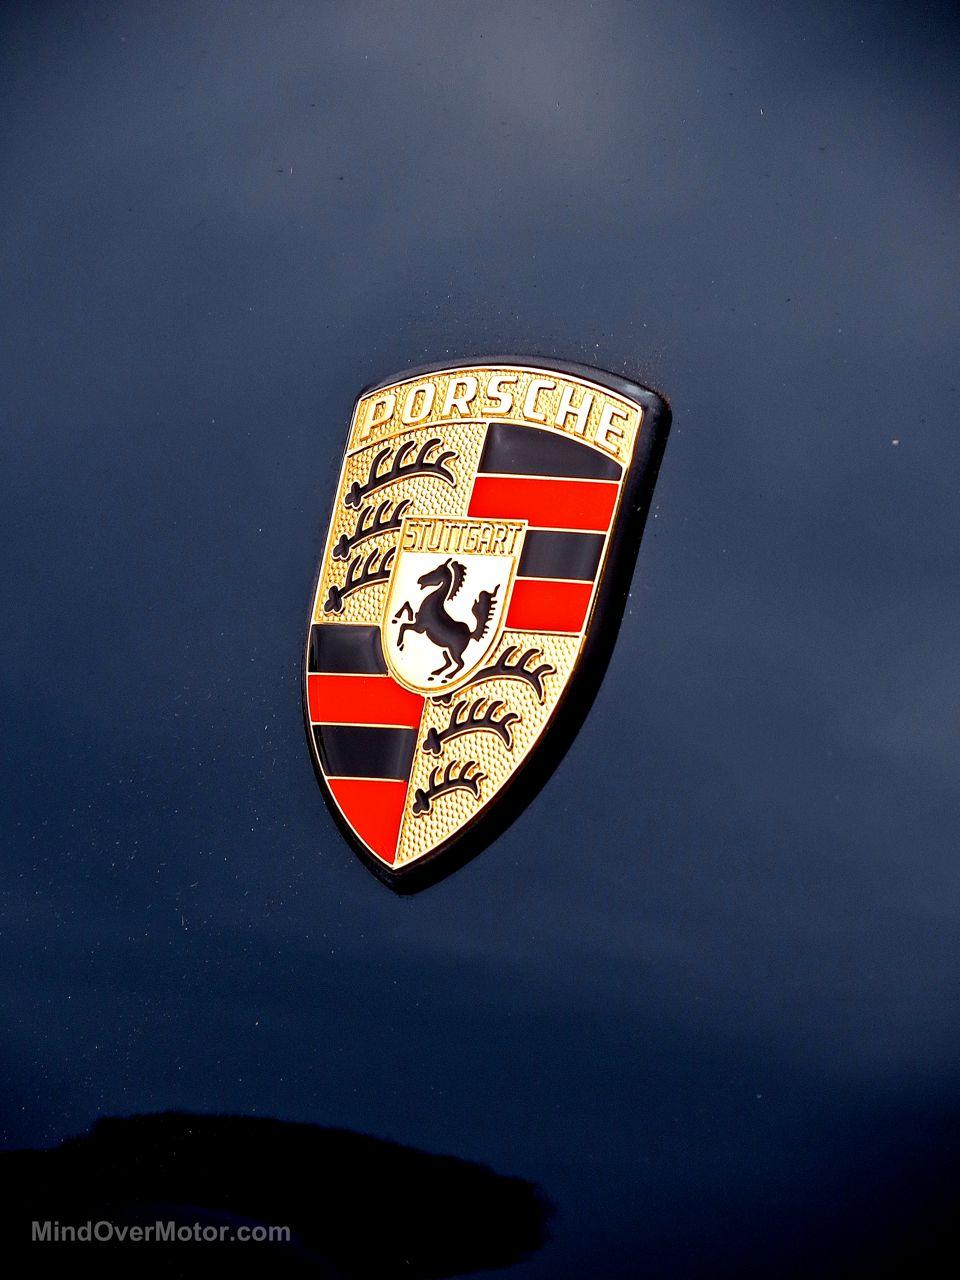 Singer Porsche 911 Radnor Hunt 14